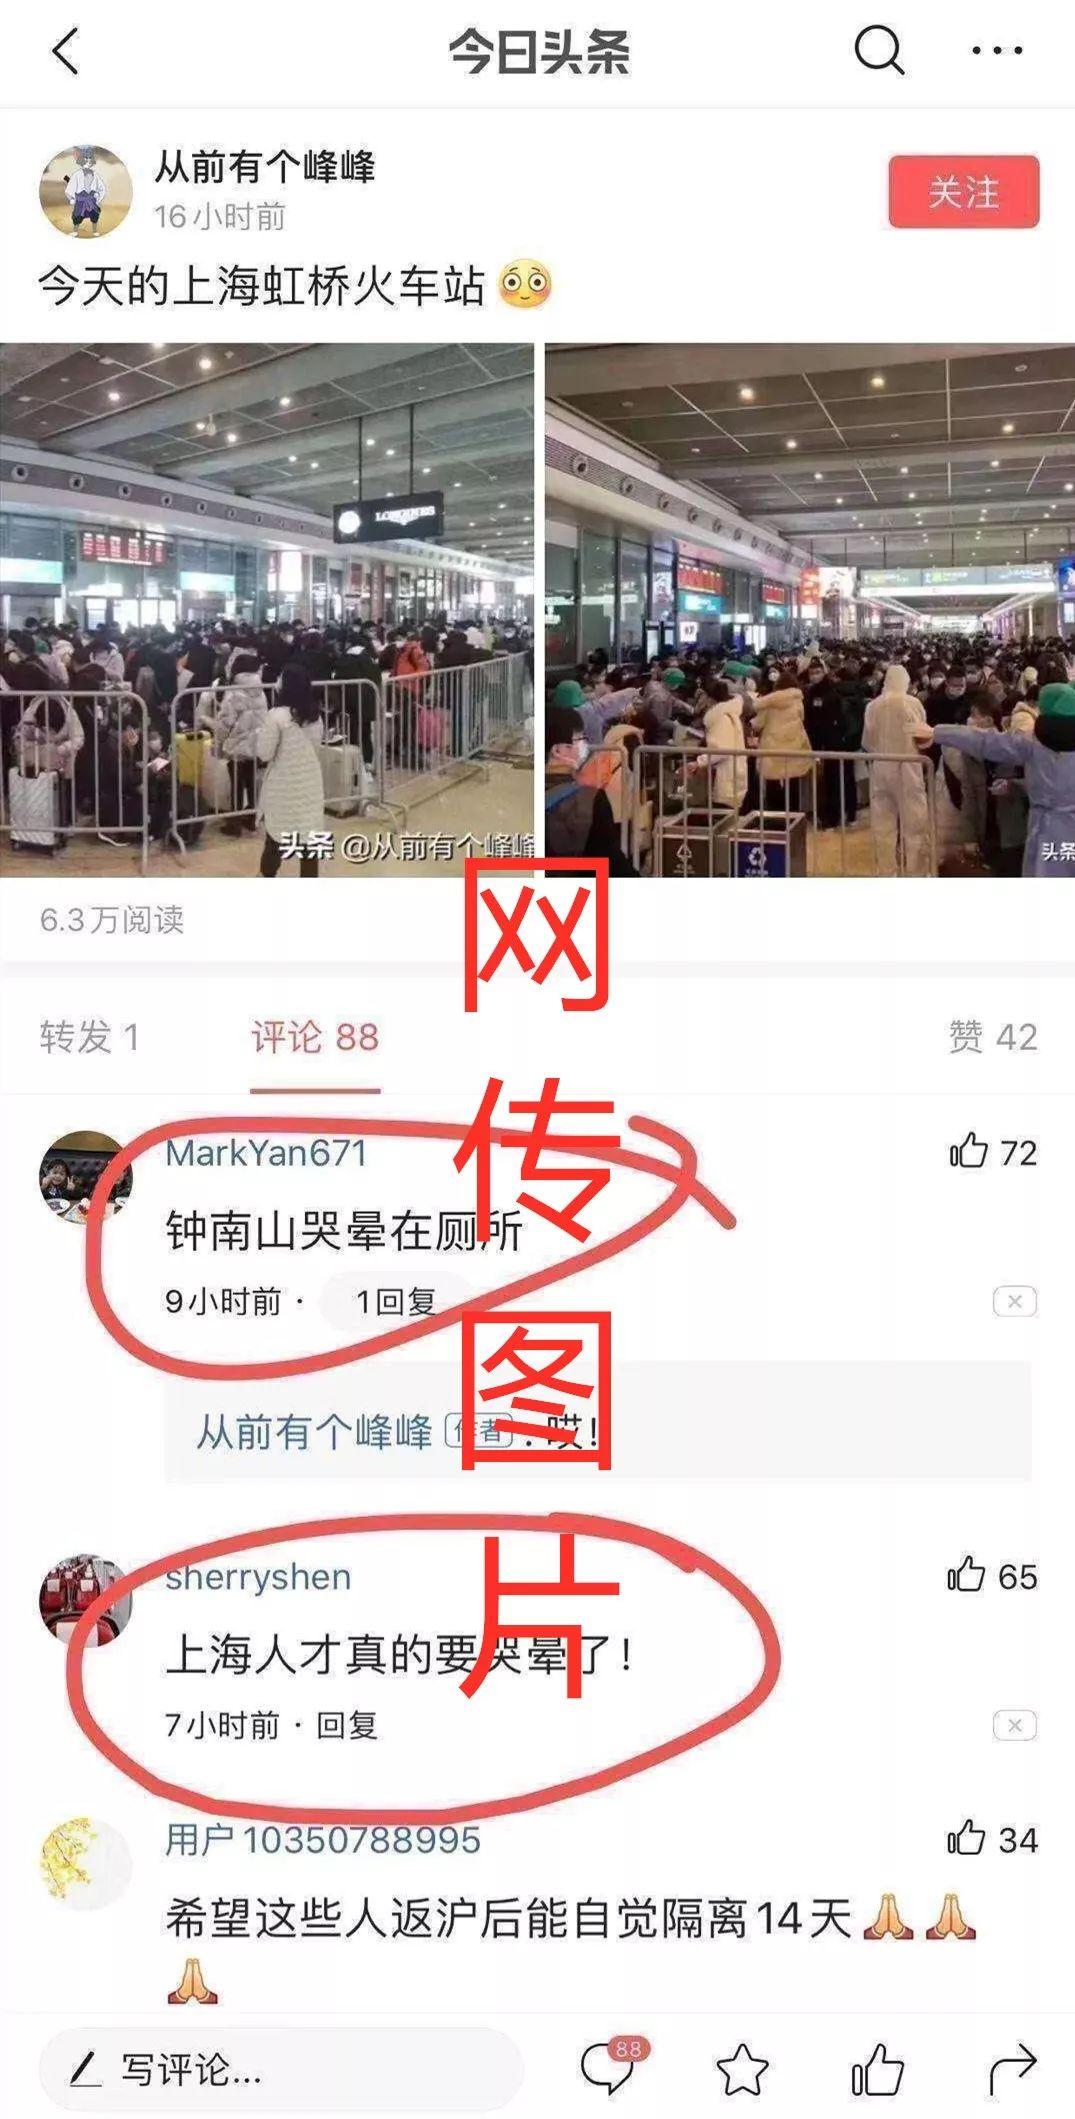 上海虹桥火车站返程客流大量聚集